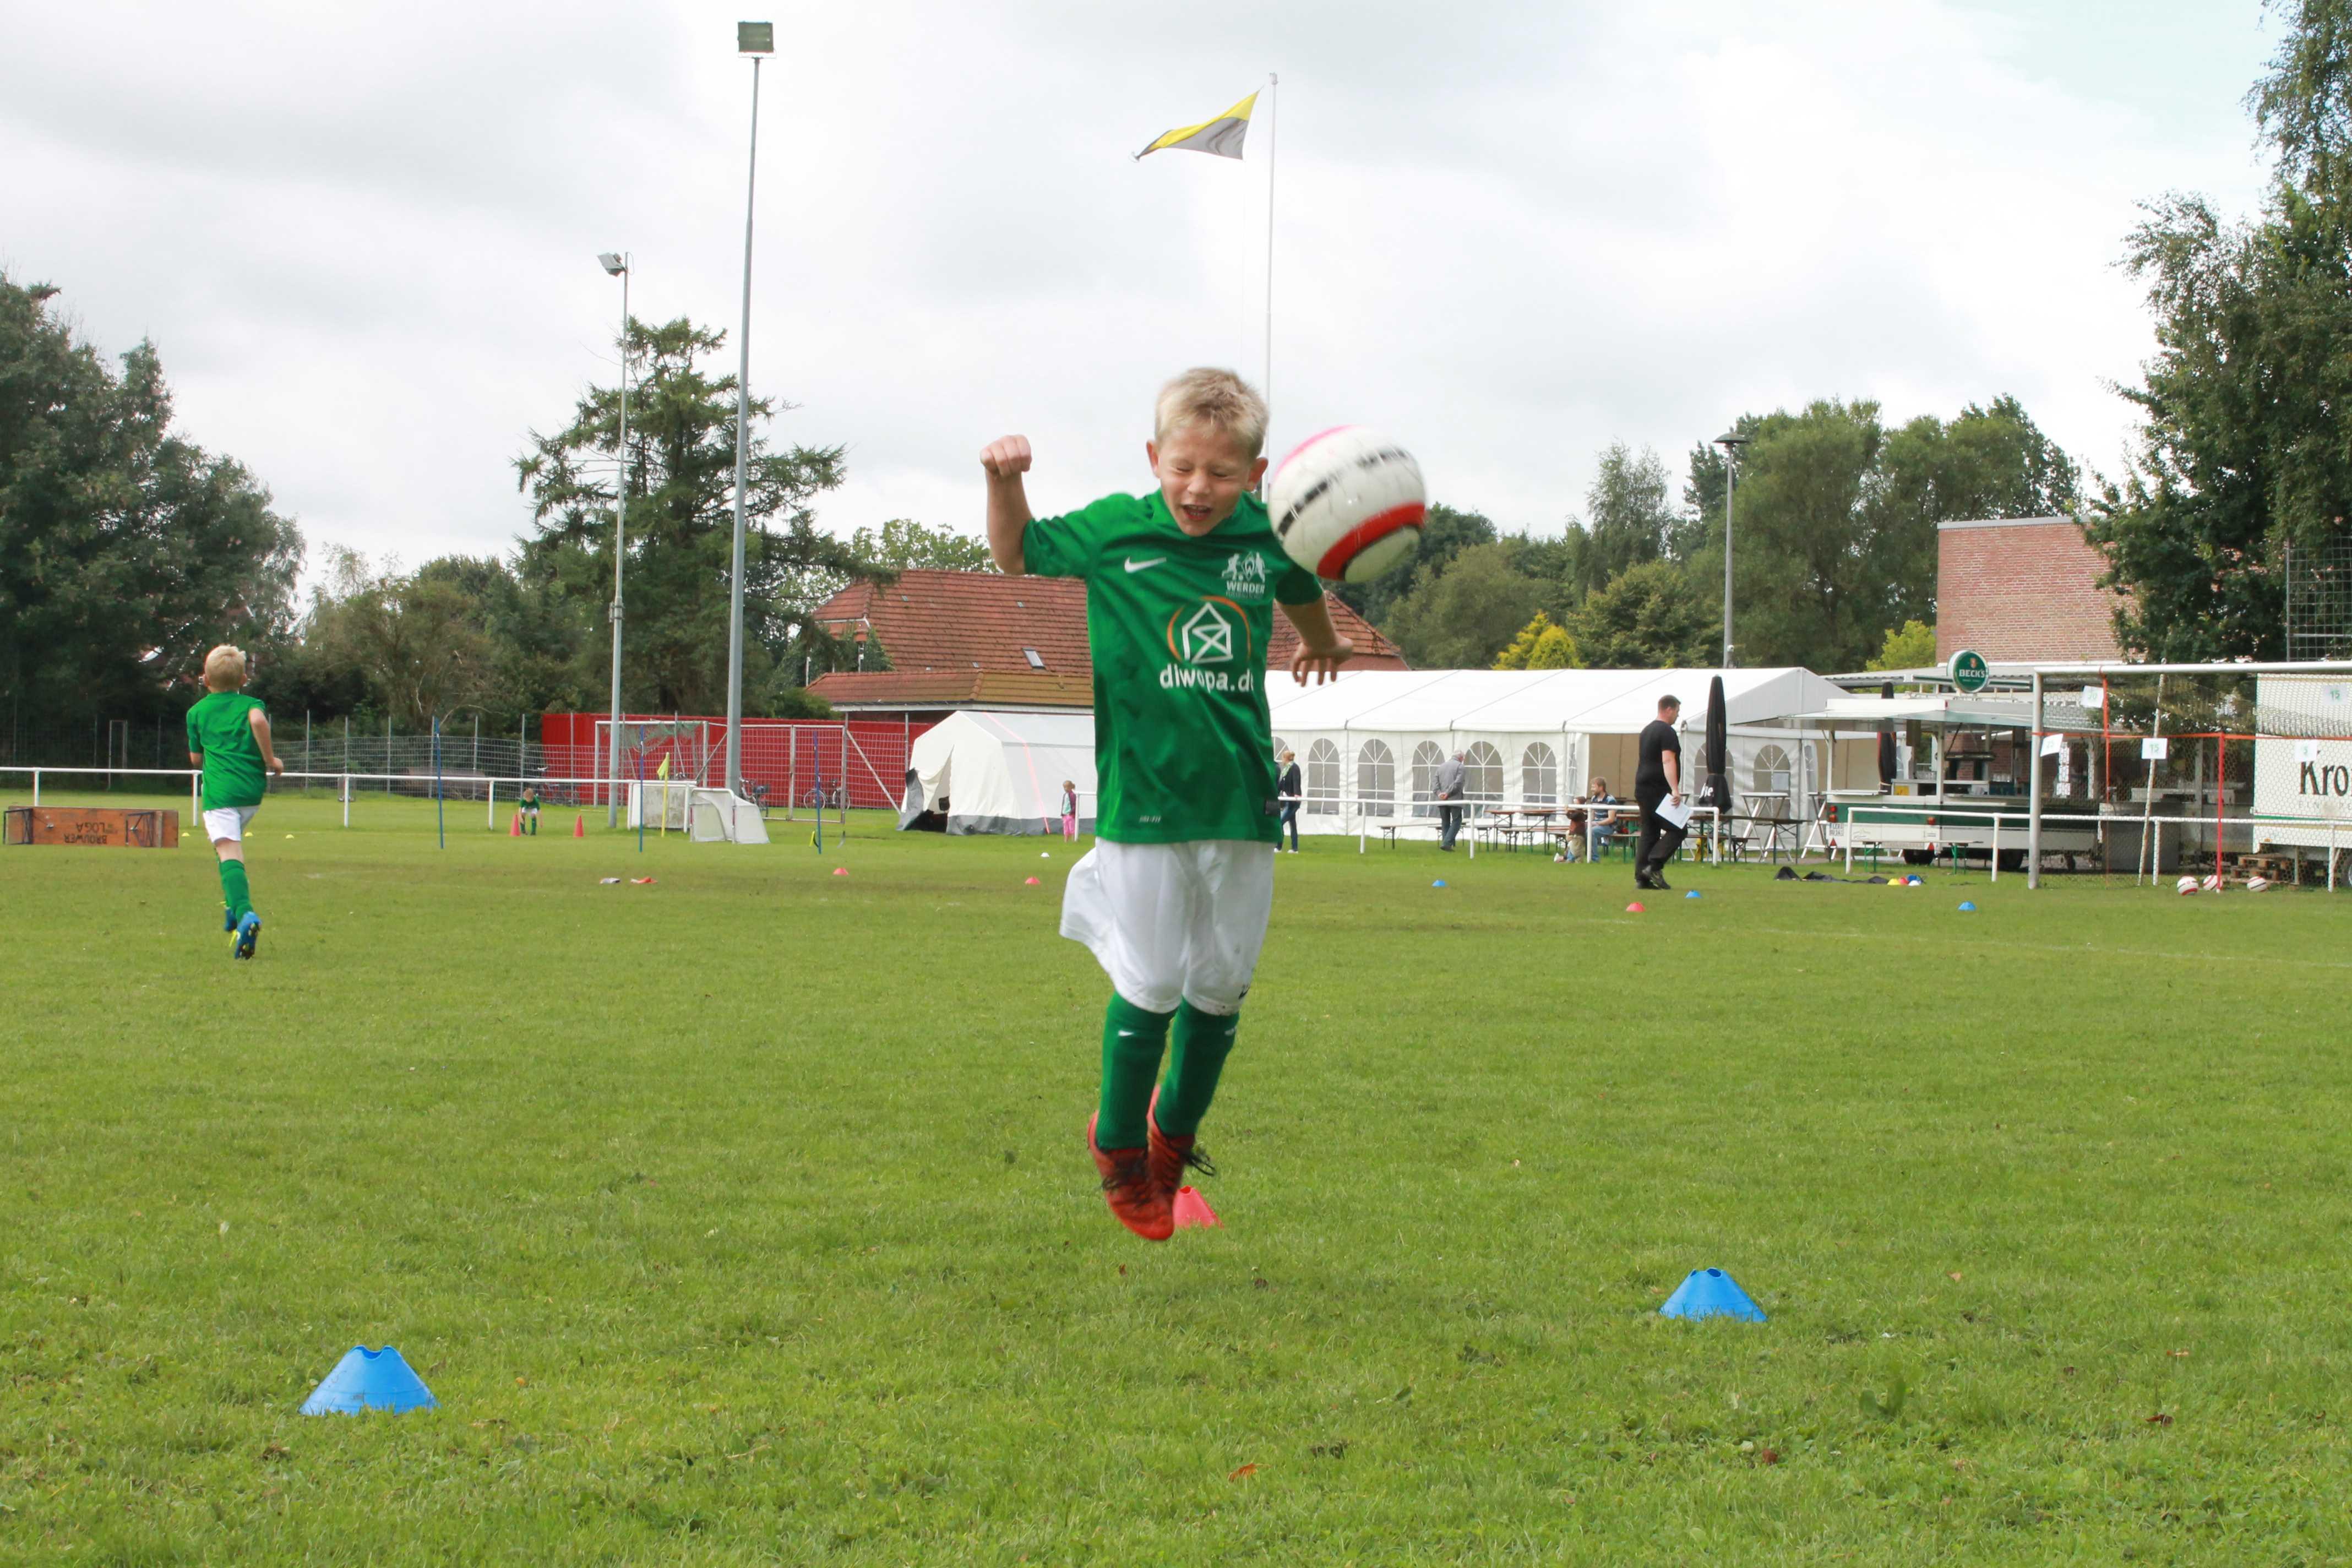 2016-08-13 Werder CAMPontour - Samstag (24)